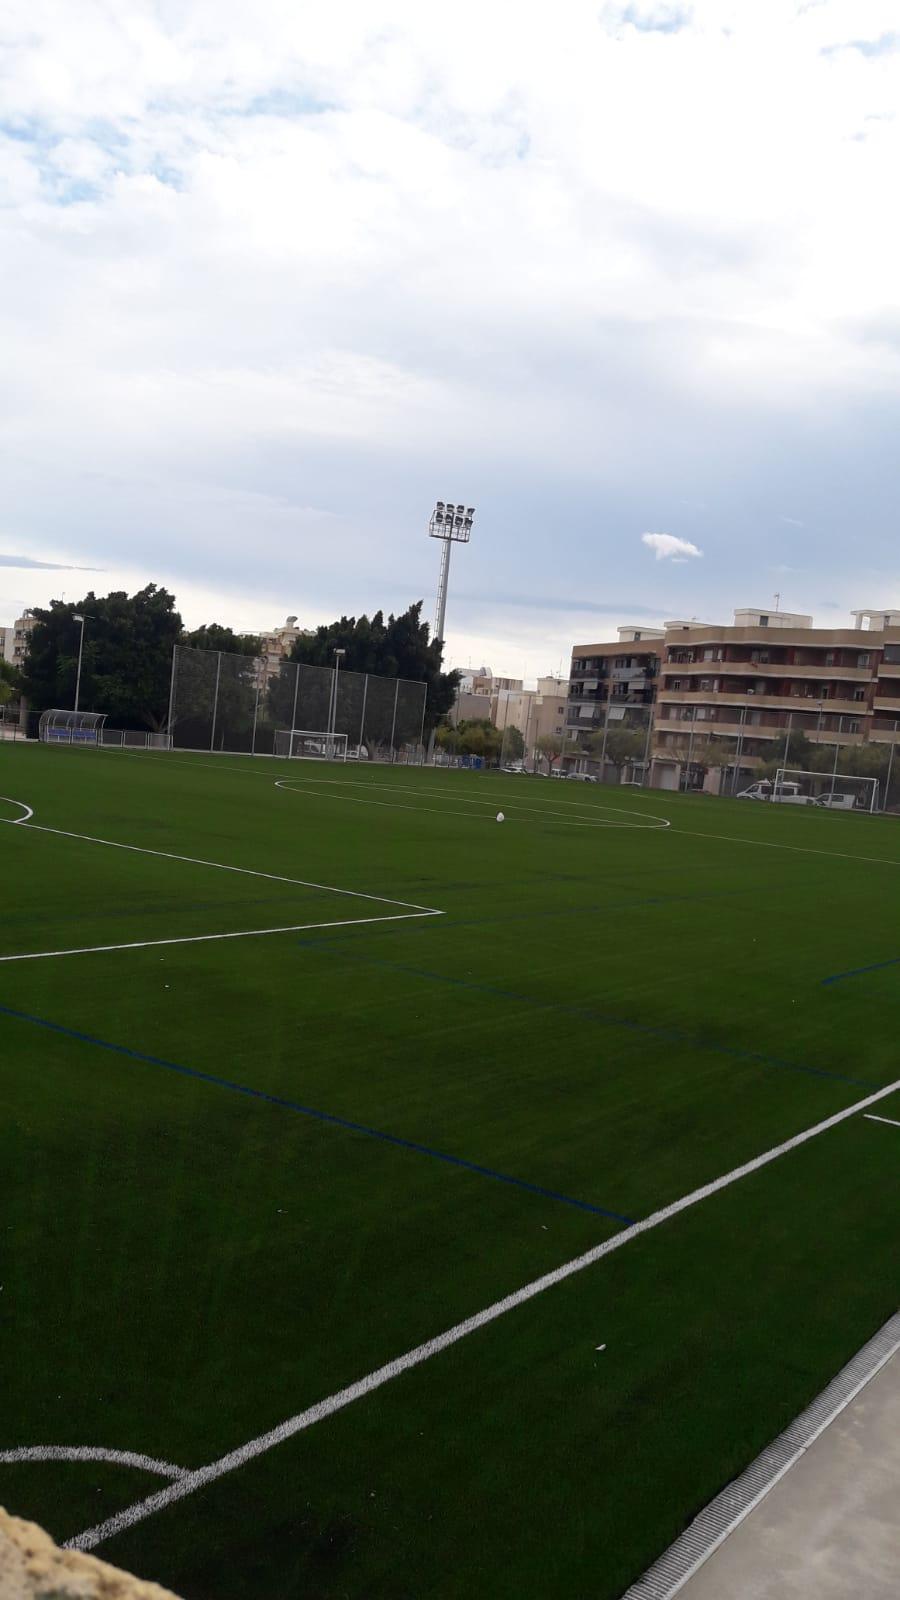 Campo de Fútbol Anexo de la Ciudad Deportiva Municipal de San Vicente del Raspeig (Alicante) Image